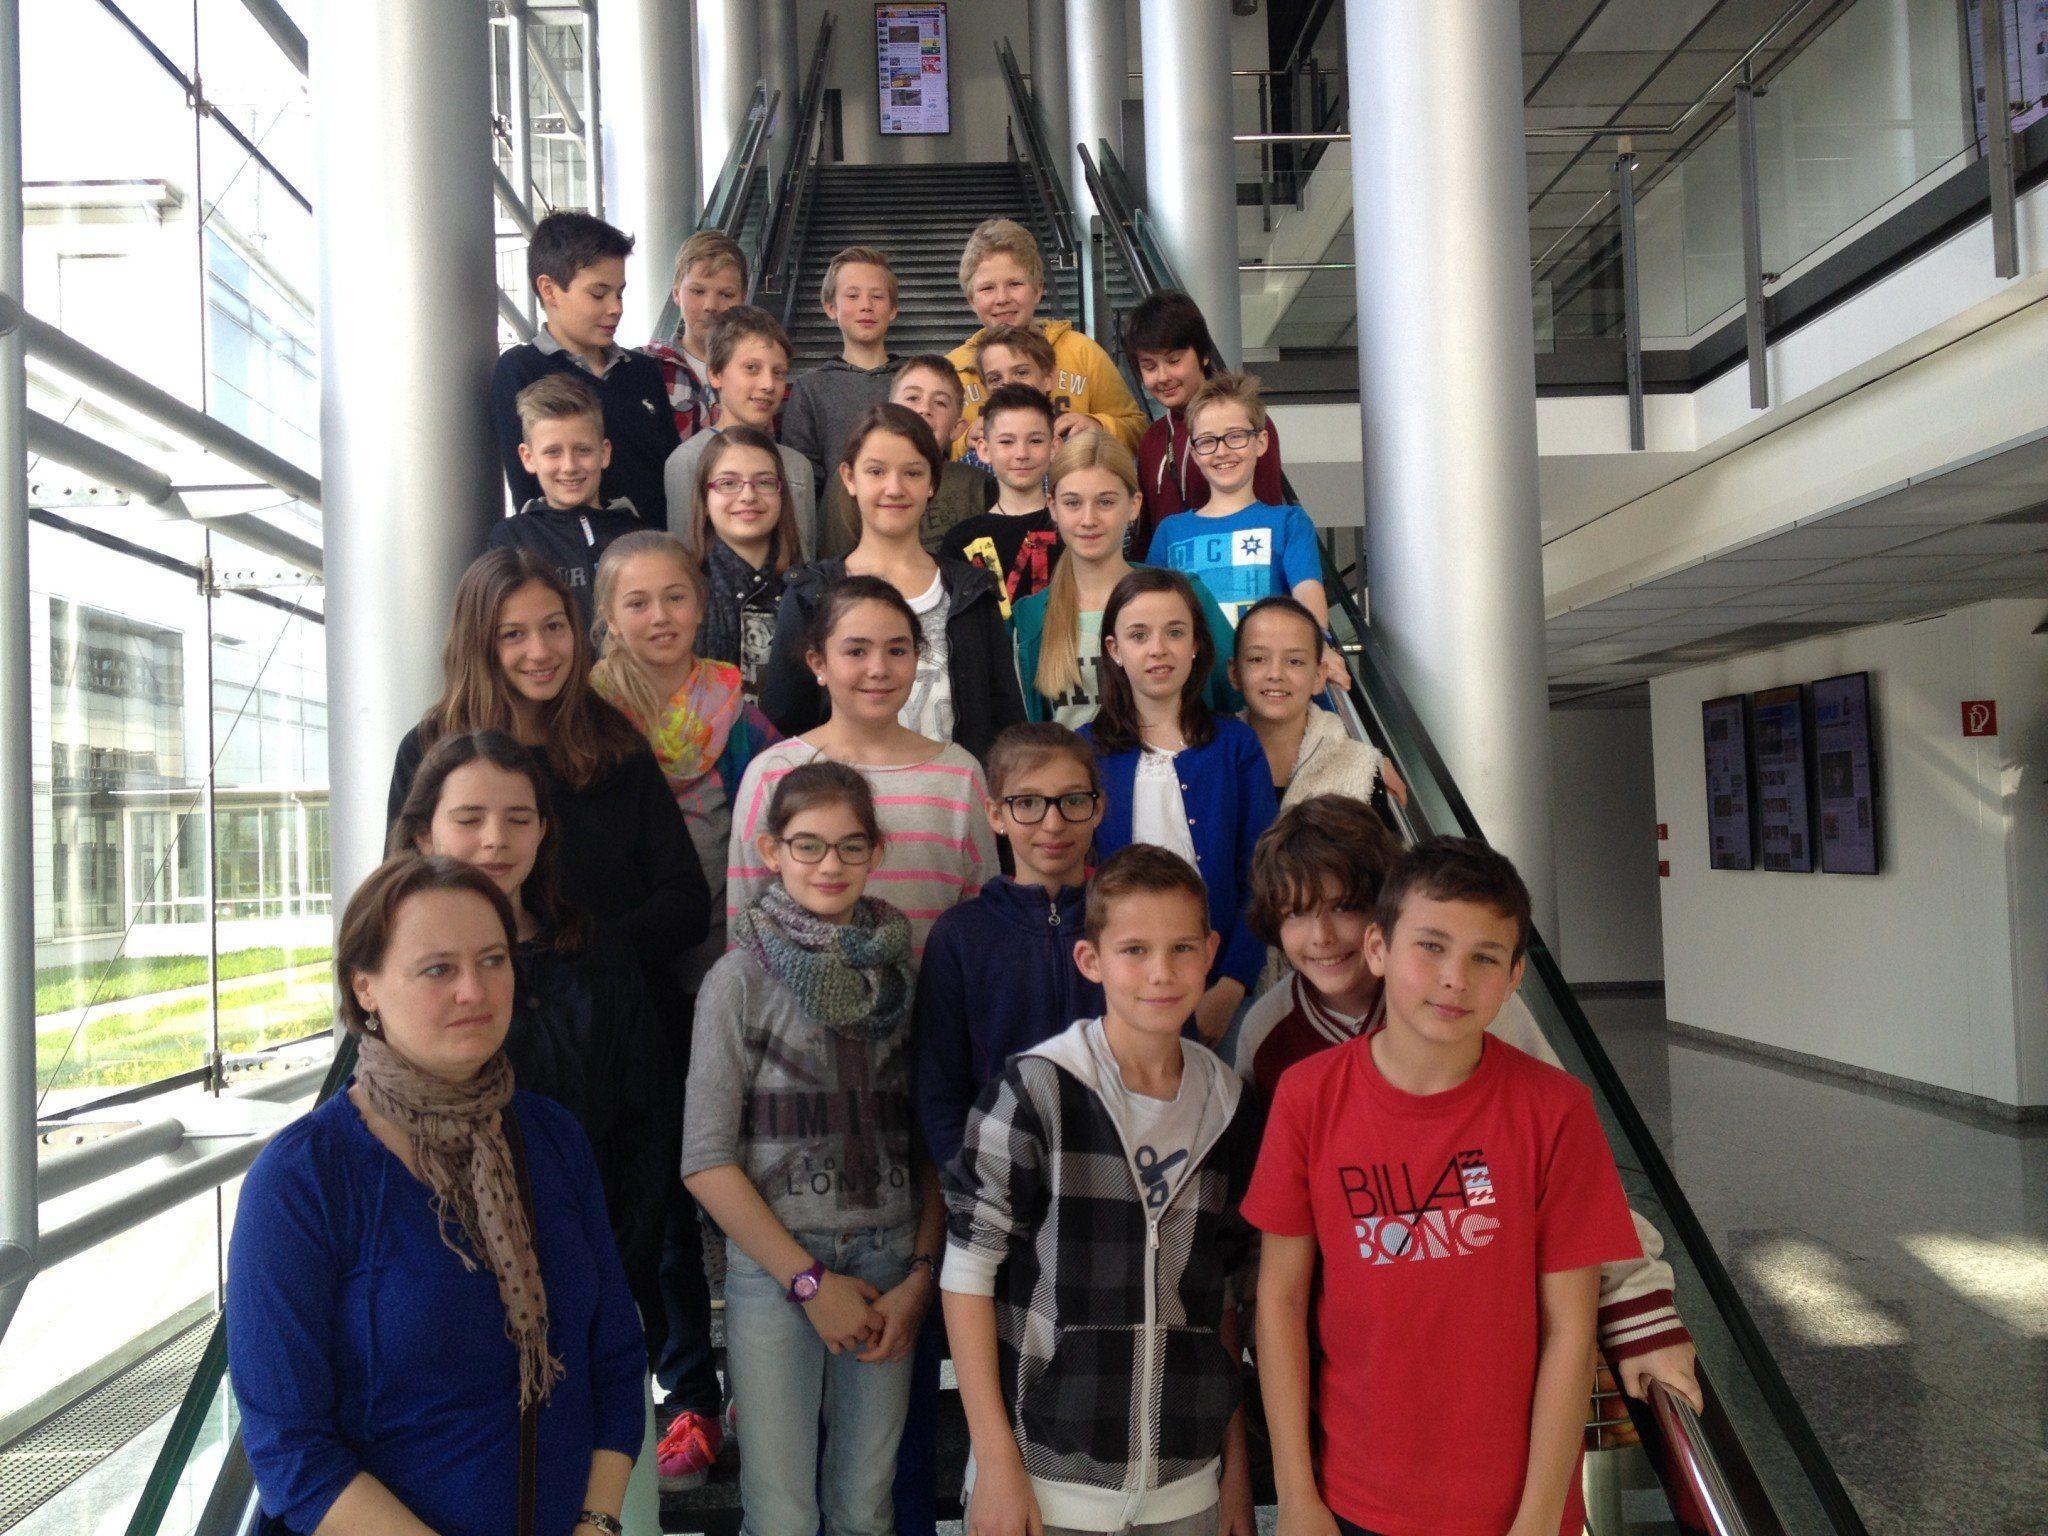 Die 2-B-Klasse des BG Feldkirch Rebberggasse mit ihrer Lehrerin bei der Exkursion im Medienhaus von Russmedia.